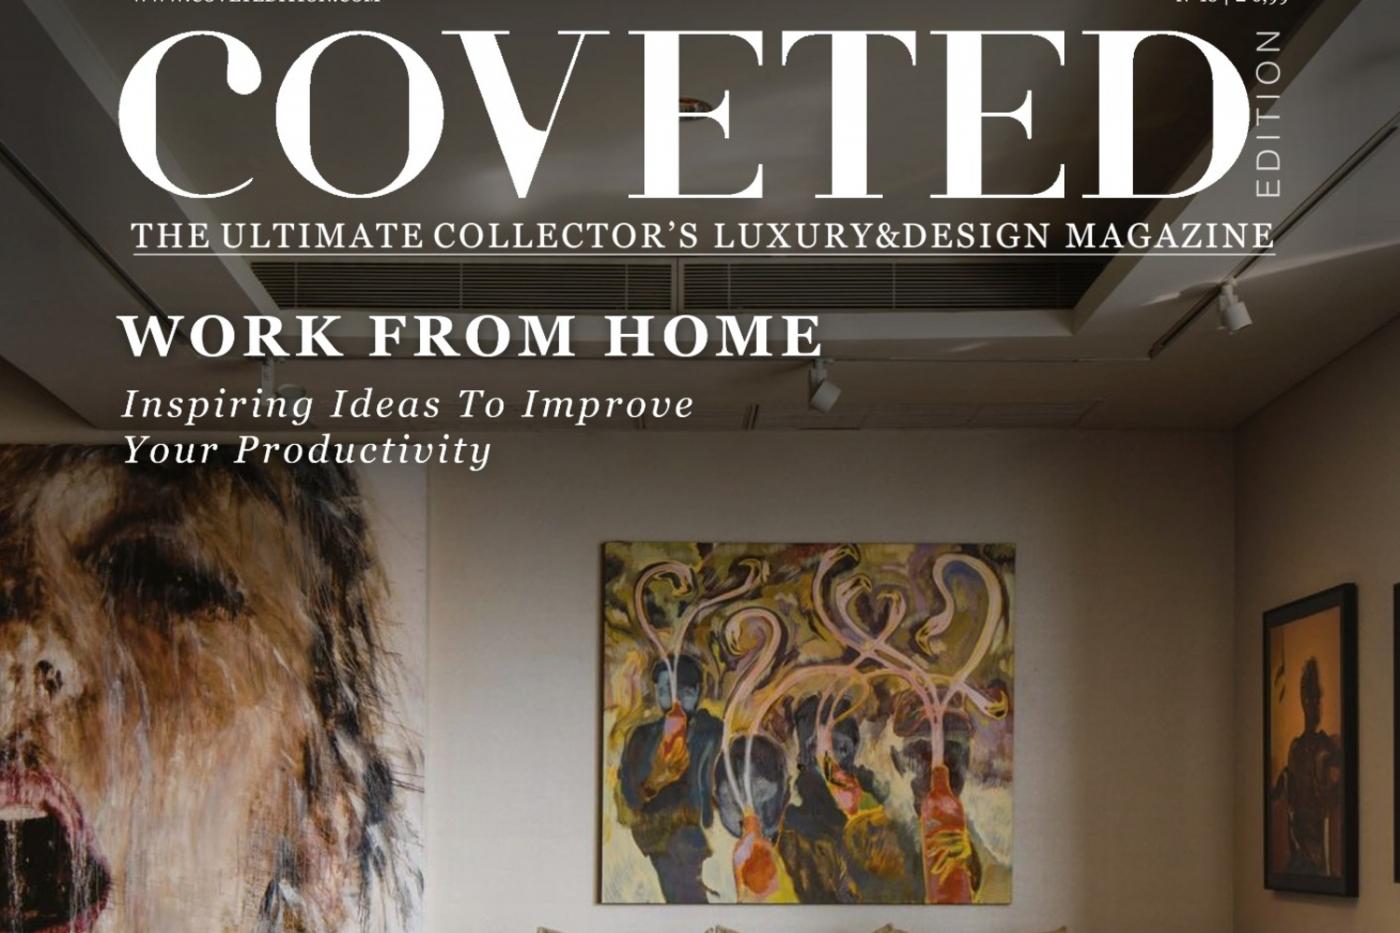 boca do lobo Boca do Lobo Conquers Coveted Magazine's Cover: Tips For A Home Office BOCA DO LOBO 2 1400x933